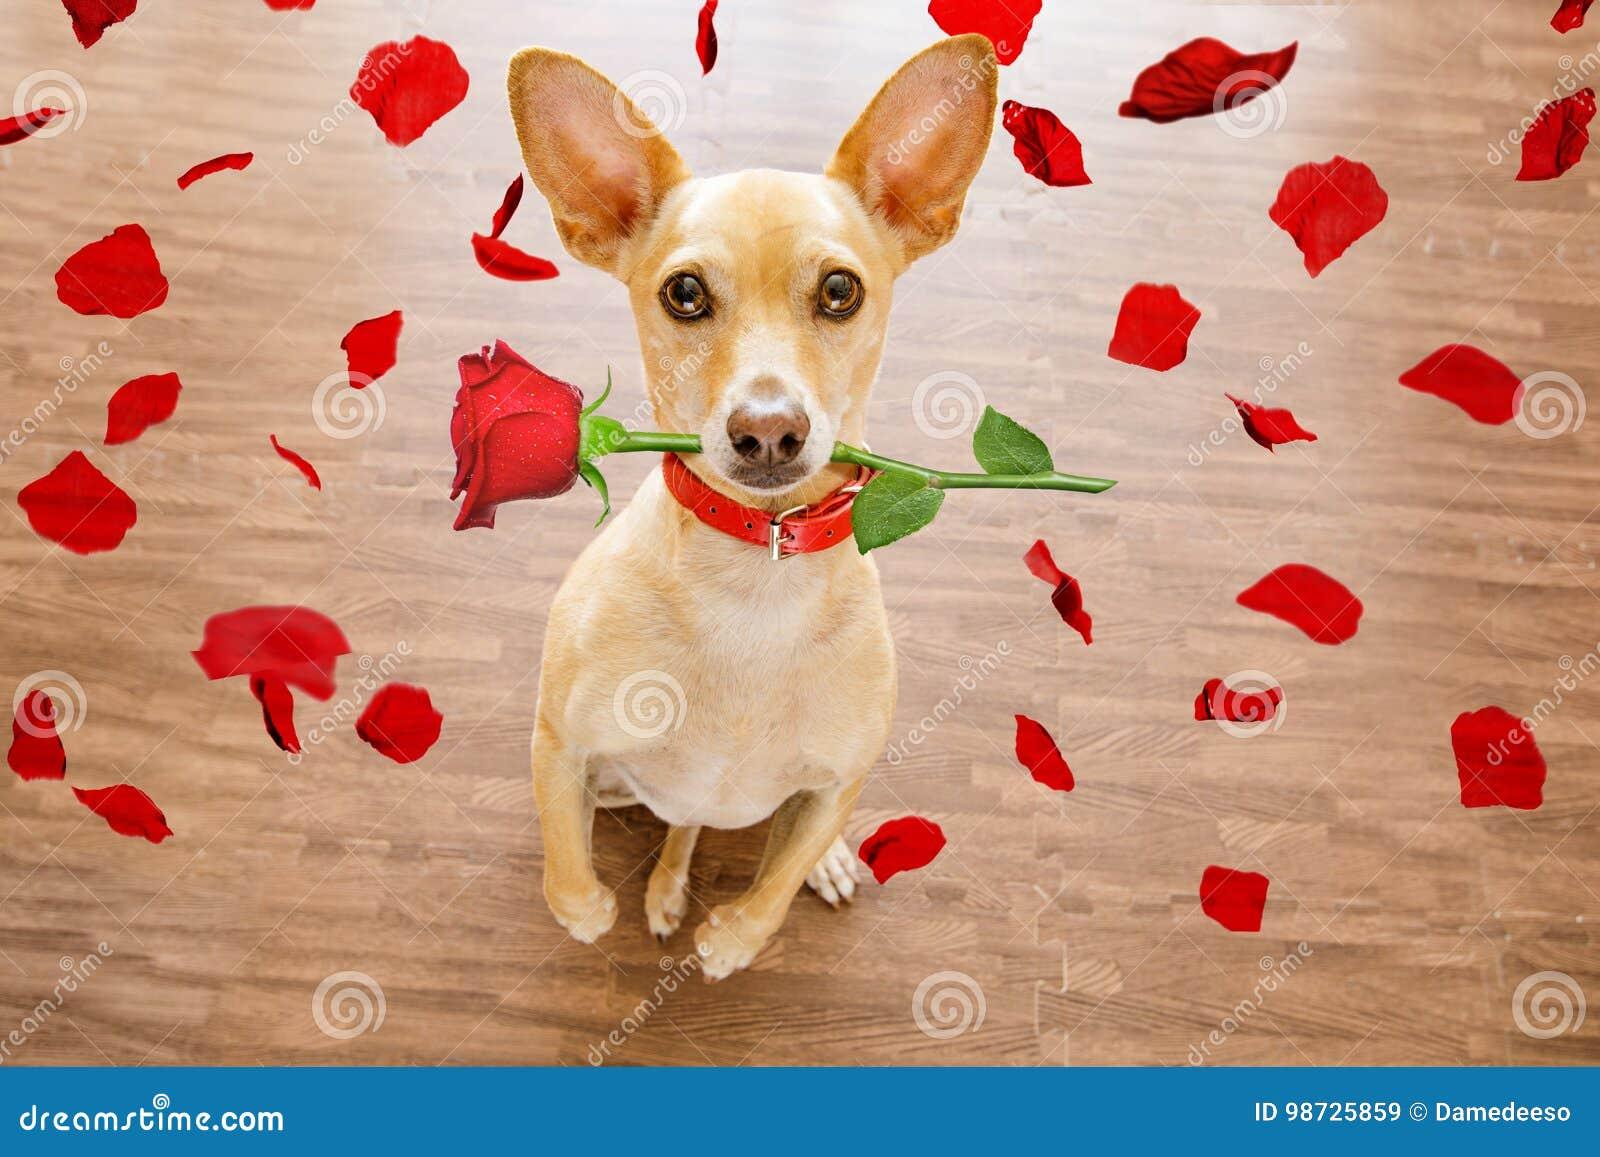 Το σκυλί βαλεντίνων ερωτευμένο με αυξήθηκε στο στόμα